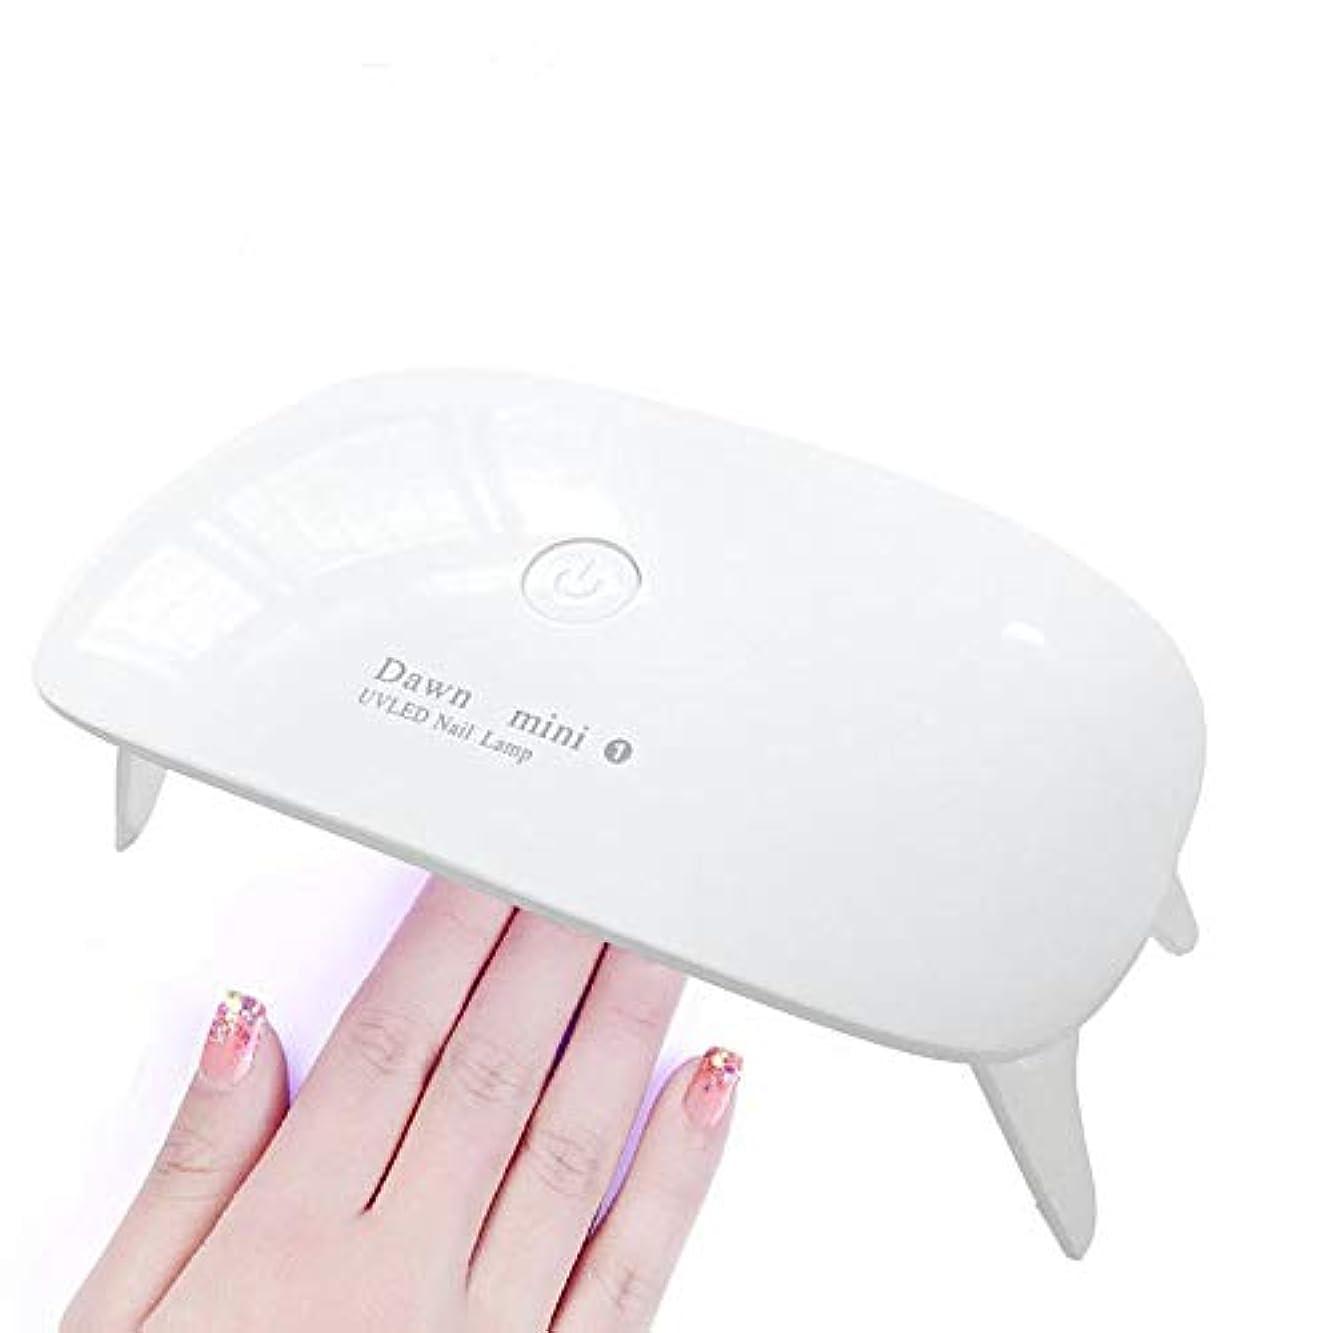 政策ブリーフケース治療LEDネイルドライヤー UVライト レジン用 硬化ライト タイマー設定可能 折りたたみ式手足とも使える UV と LEDダブルライト ジェルネイル と レジンクラフト用